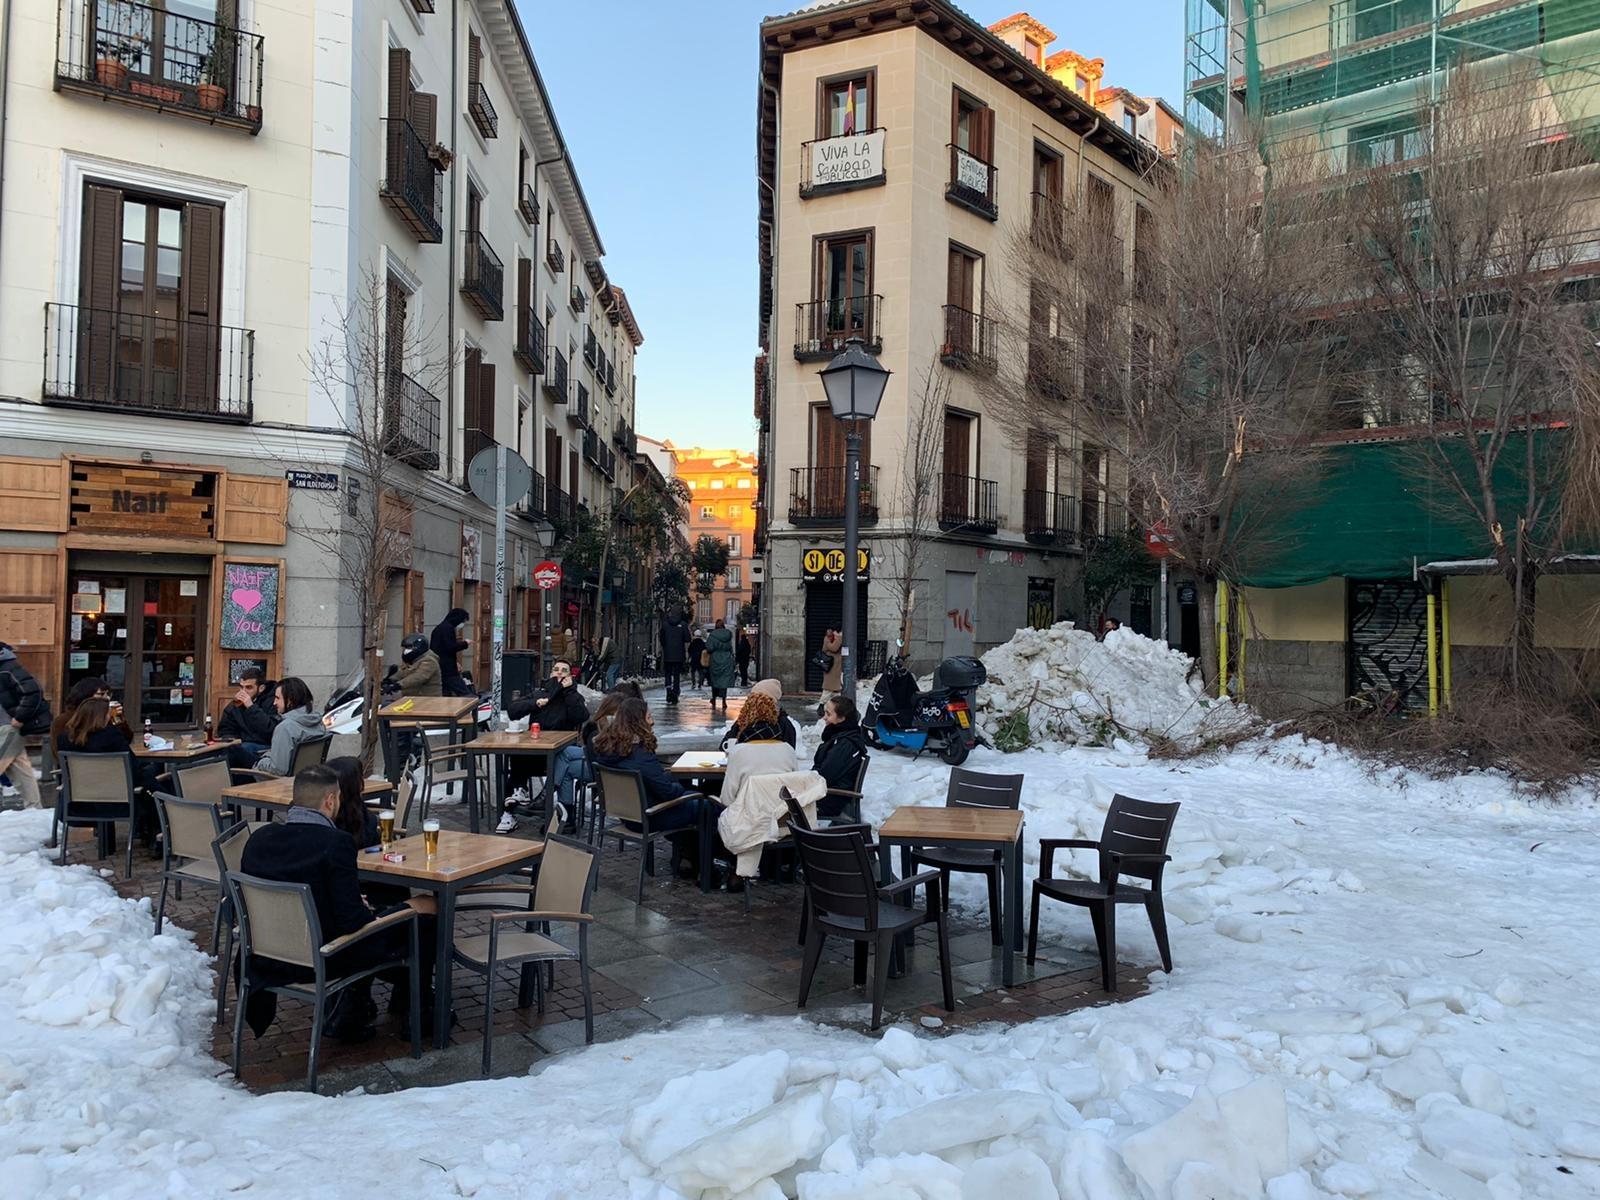 Madridilaiset nauttivat cañoistaan hieman erilaisessa ympäristössä. Kuva: Akseli Peltola